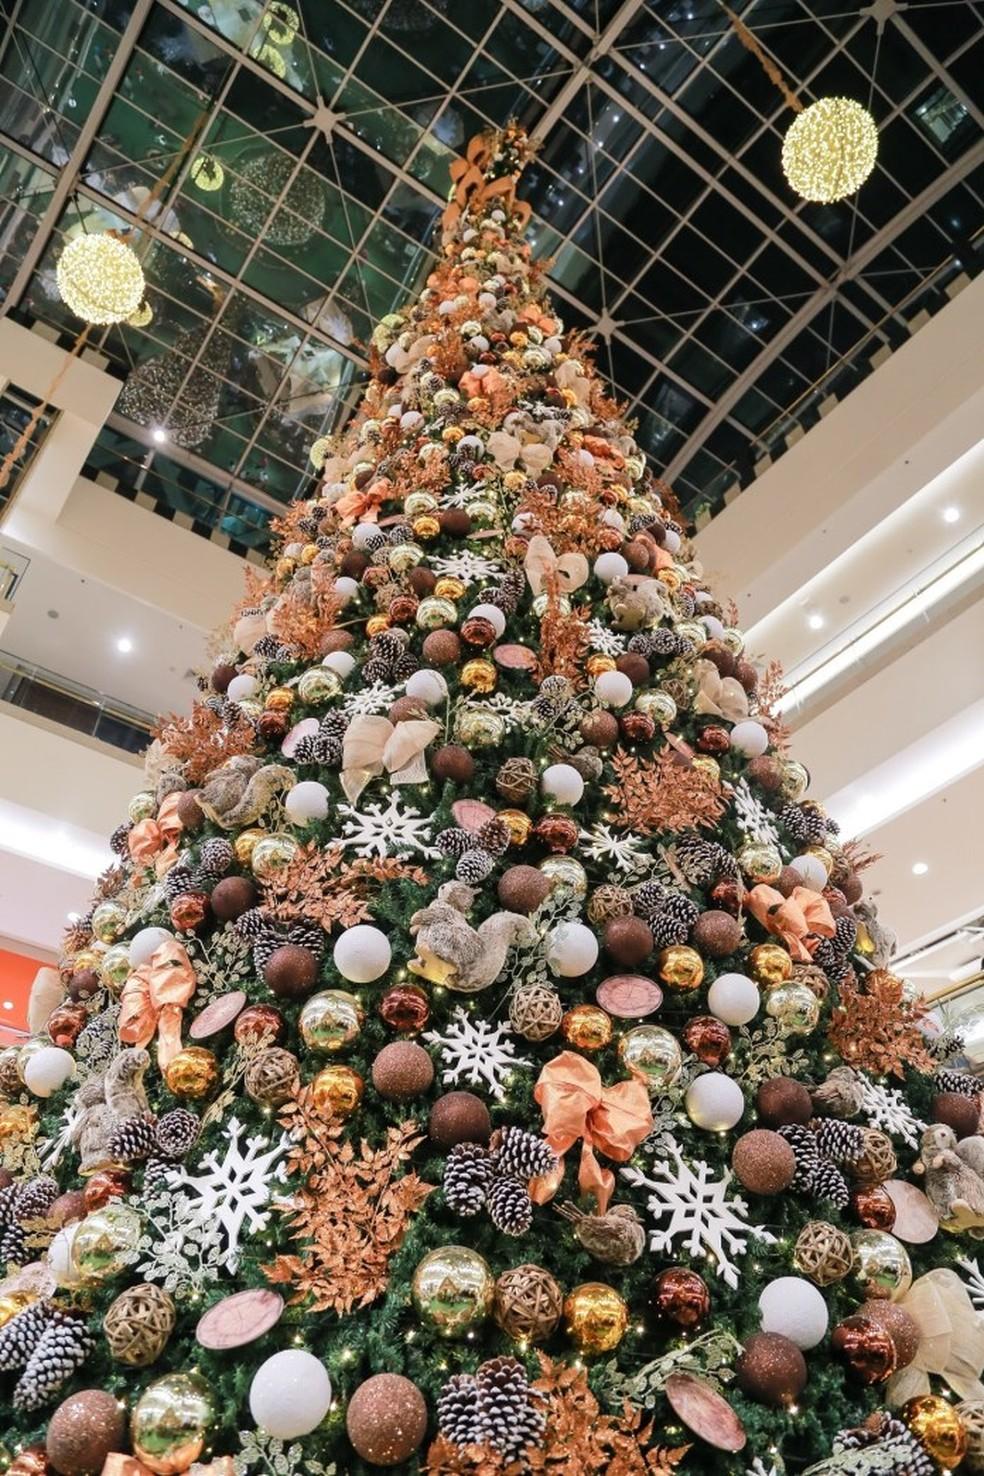 Árvore de Natal do Shopping Pátio Brasil, no DF, onde tem apresentação de peça infantil gratuita — Foto: Pátio Brasil/ Divulgação